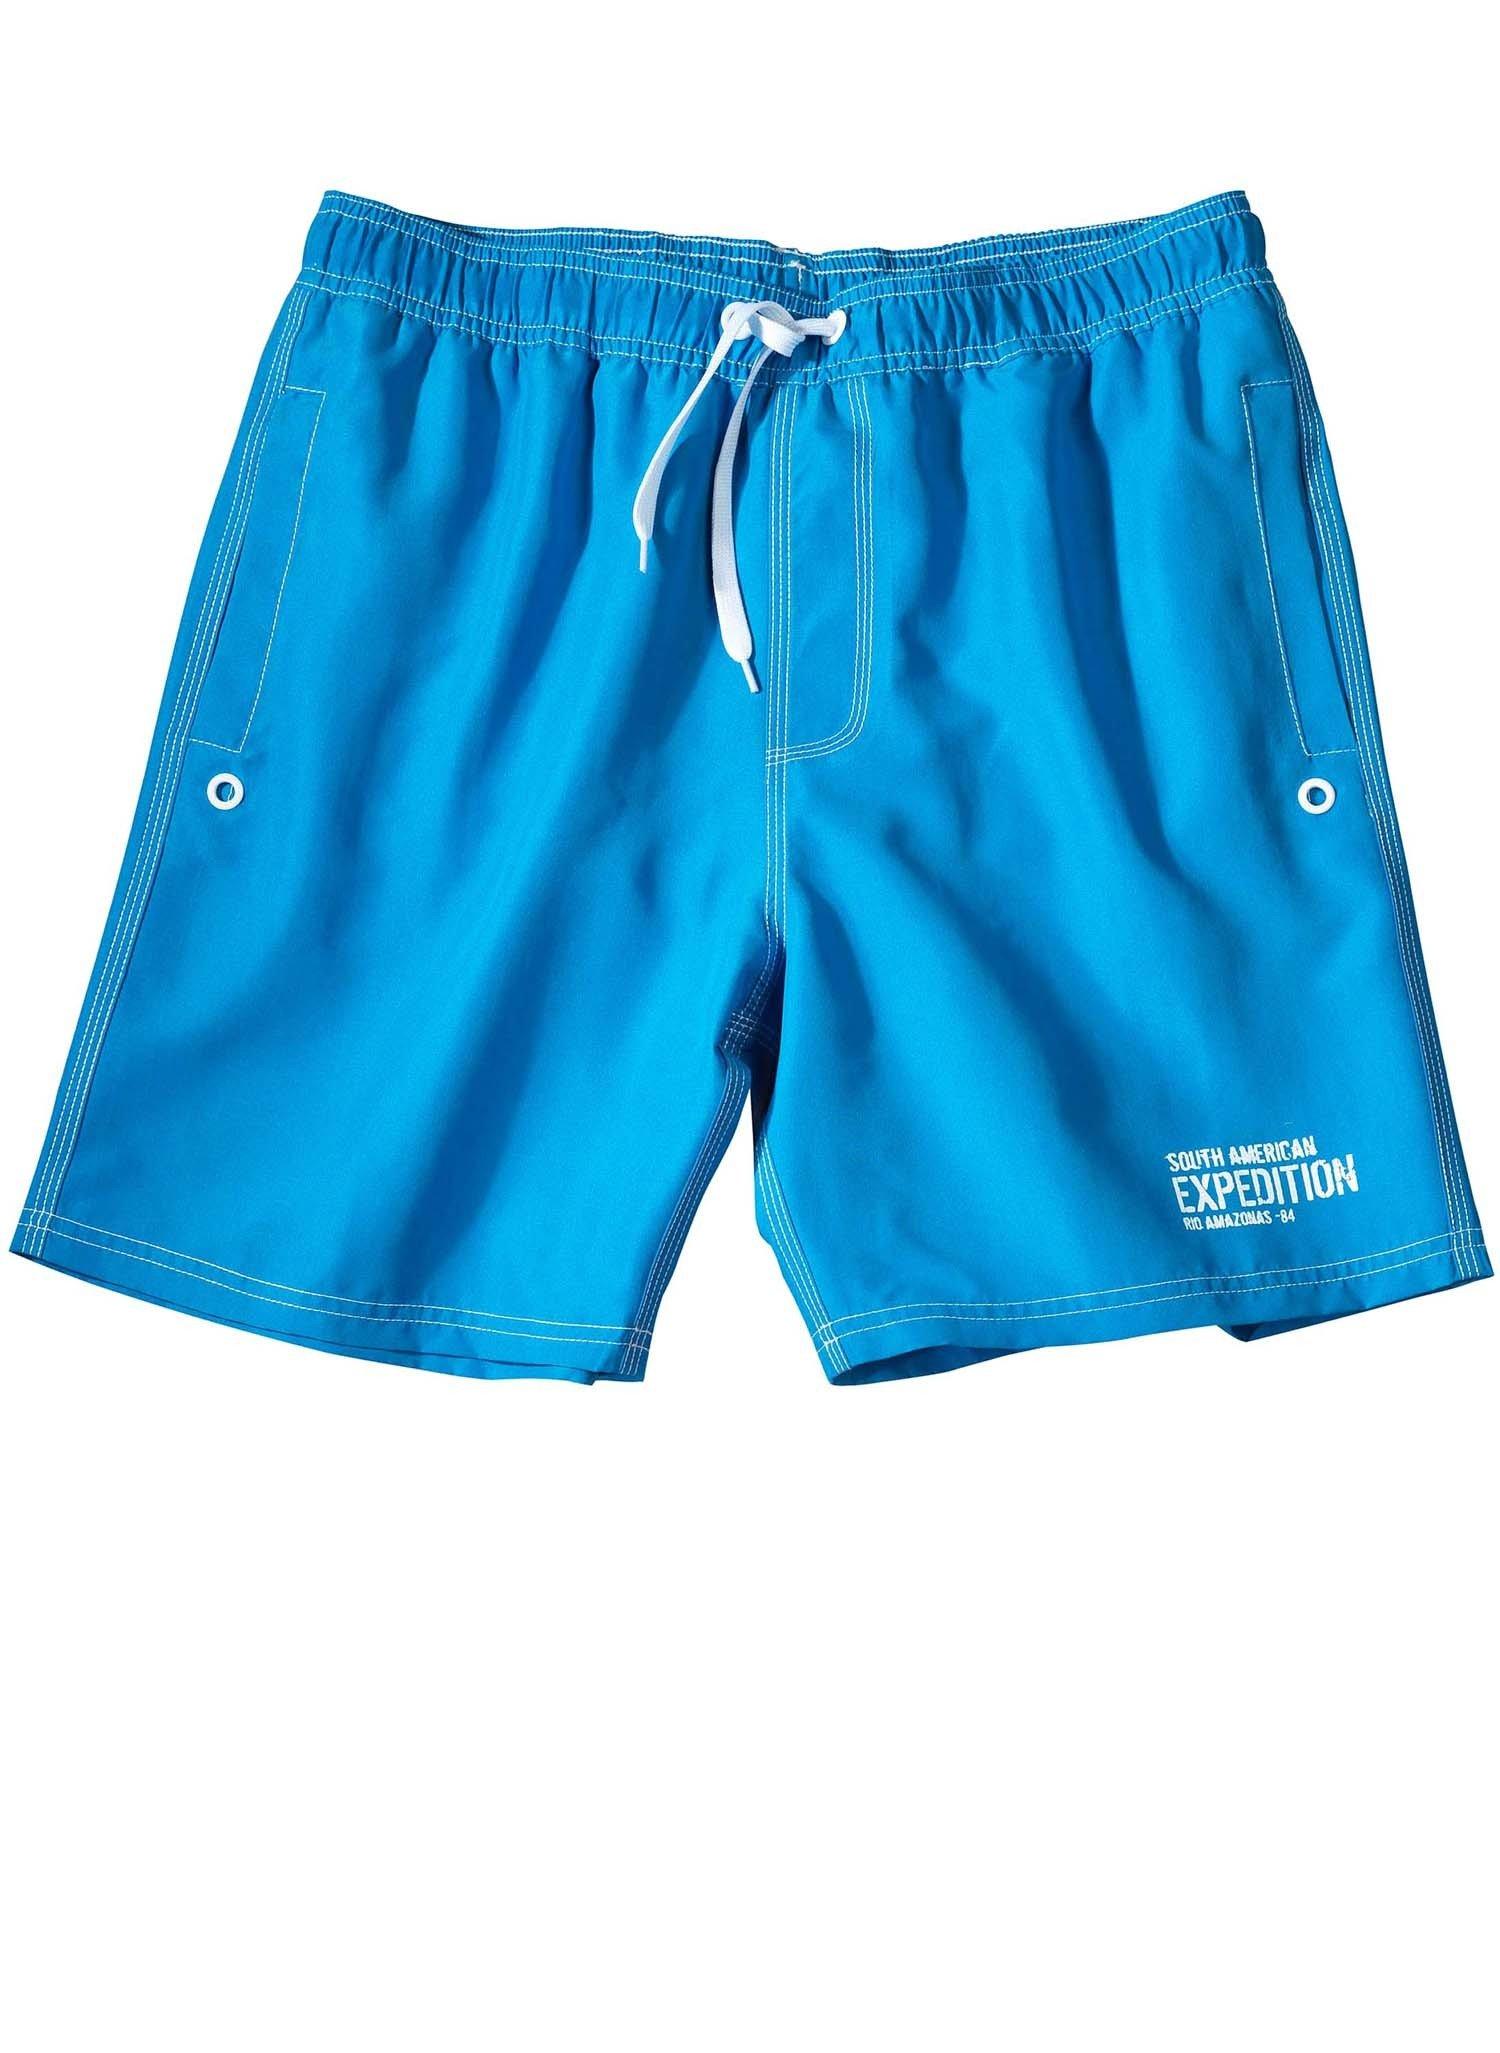 H-Bade-Shorts,NEON blau L 047 - 2 - Ronja.ch